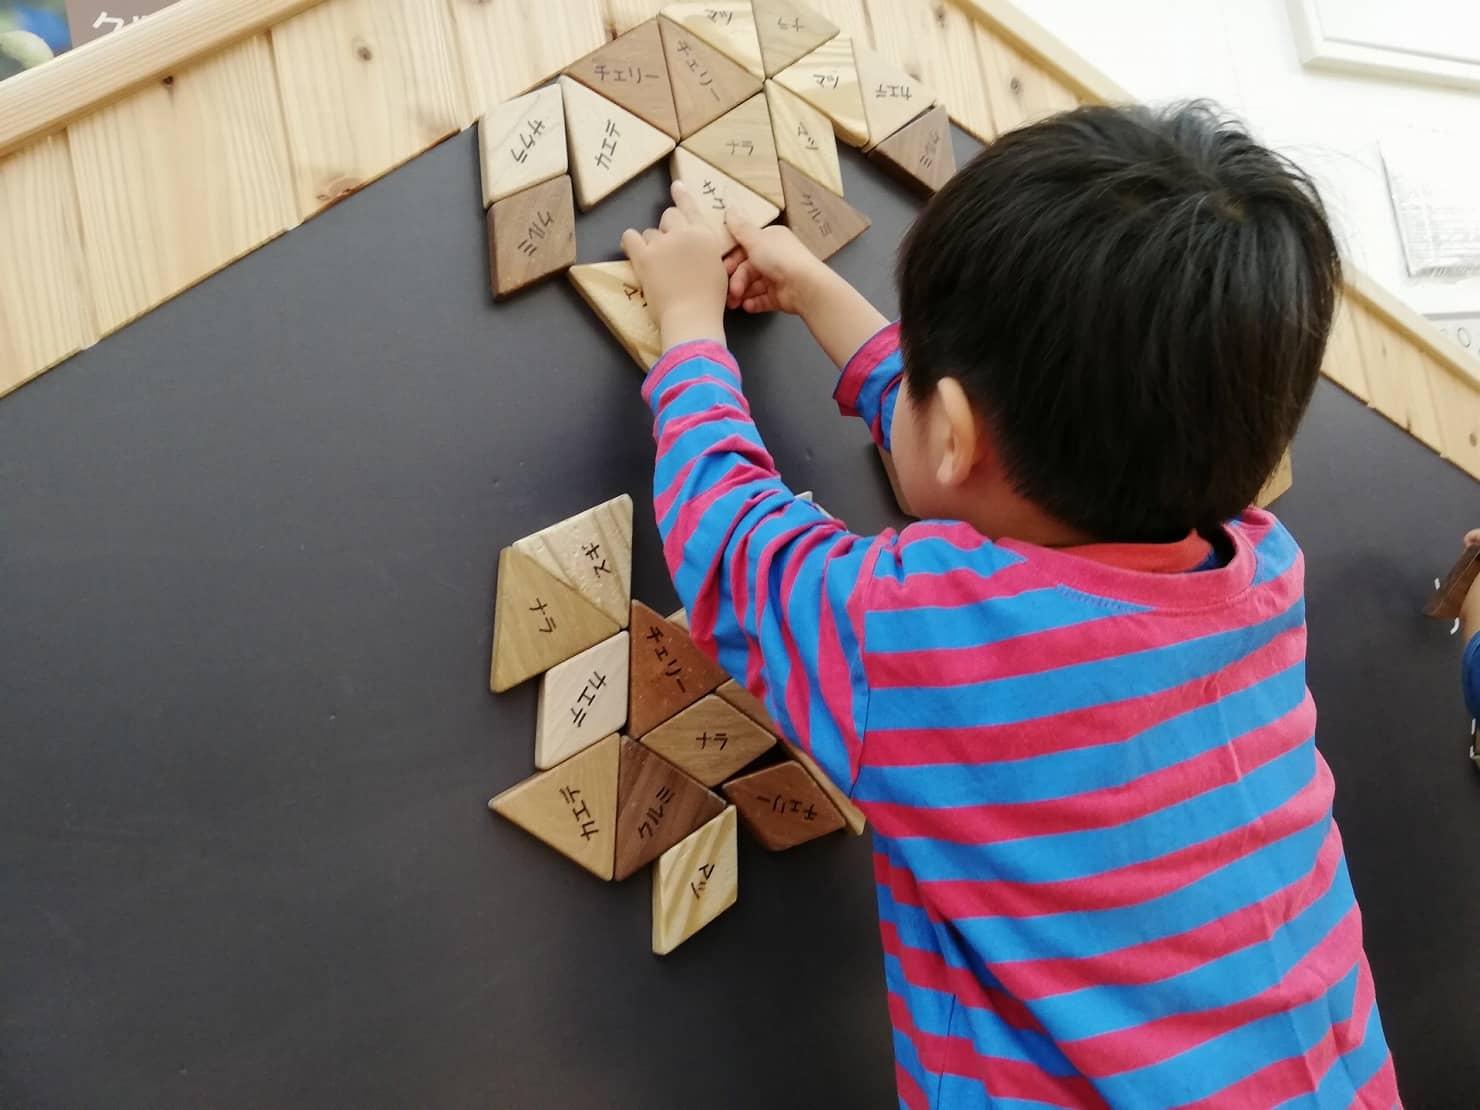 子供におすすめな知育パズル5選! 知育効果や選び方も紹介